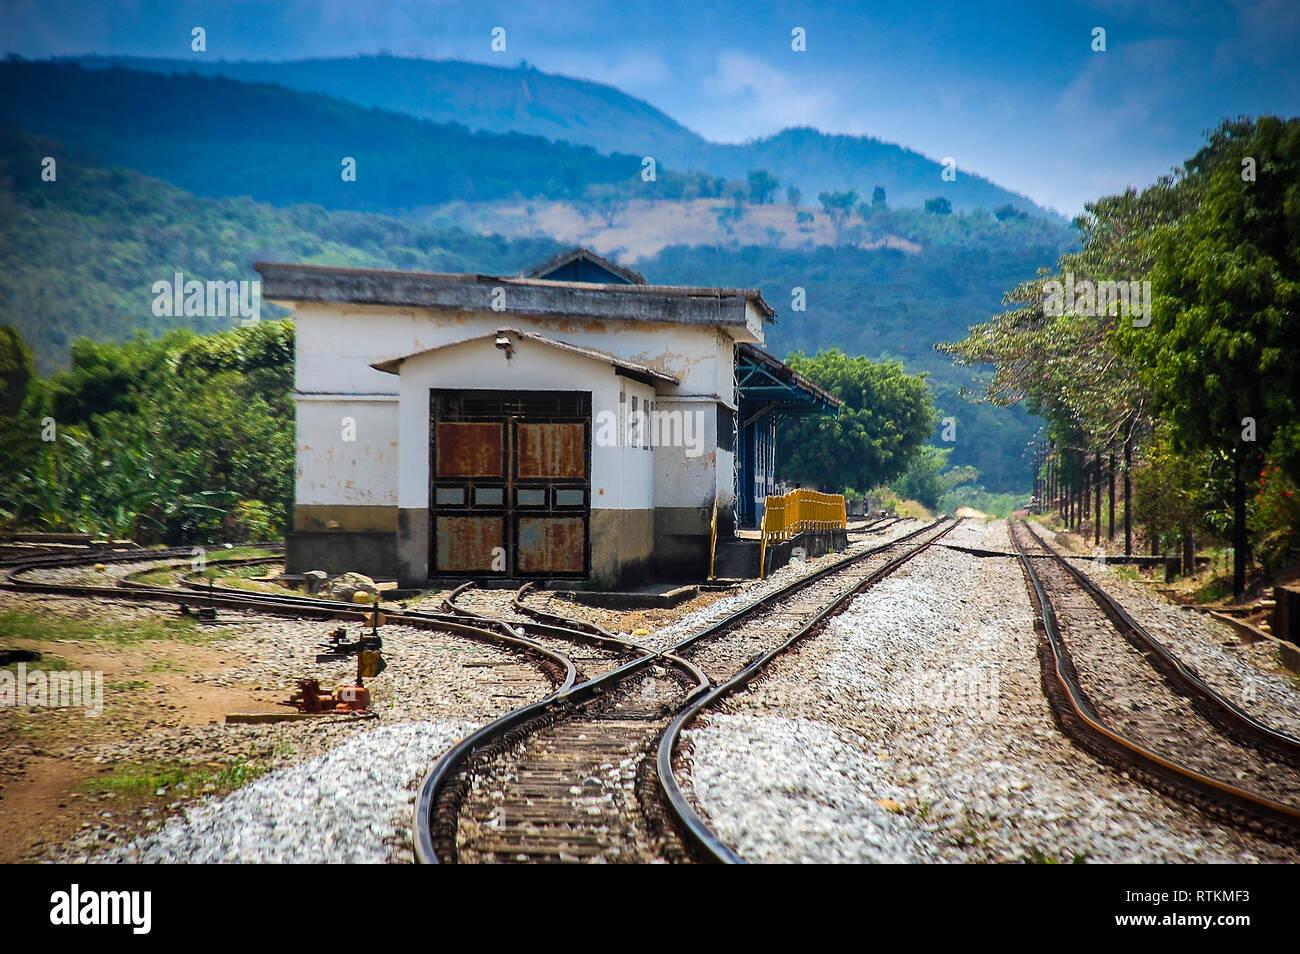 El punto de destino. Estación de trenes olvidados en una mañana neblinosa en algún lugar en el estado de Minas Gerais, Brasil. Foto de stock